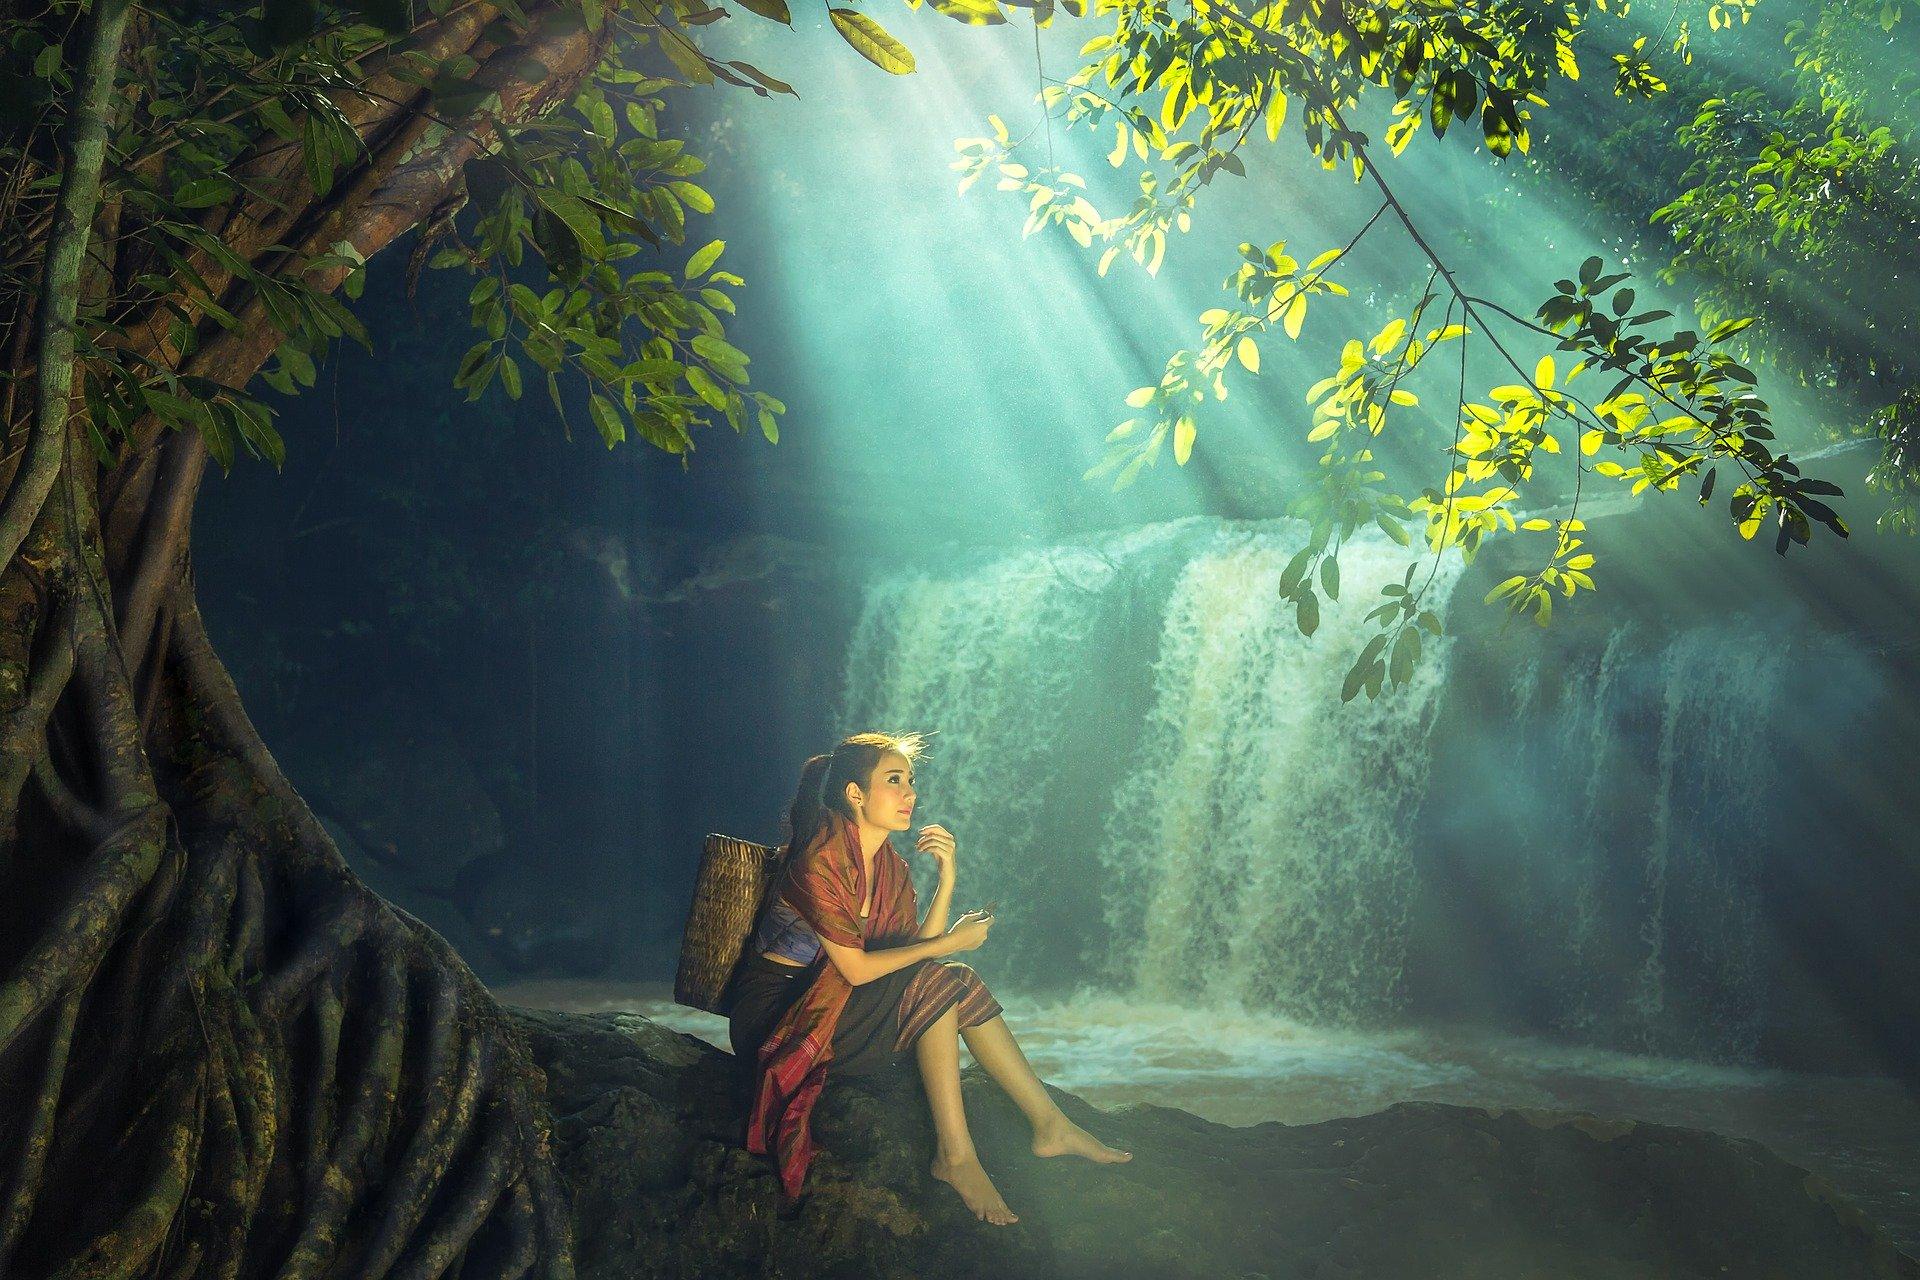 טיול לאסיה- אלה היעדים שאתם חייבים לבקר בהם